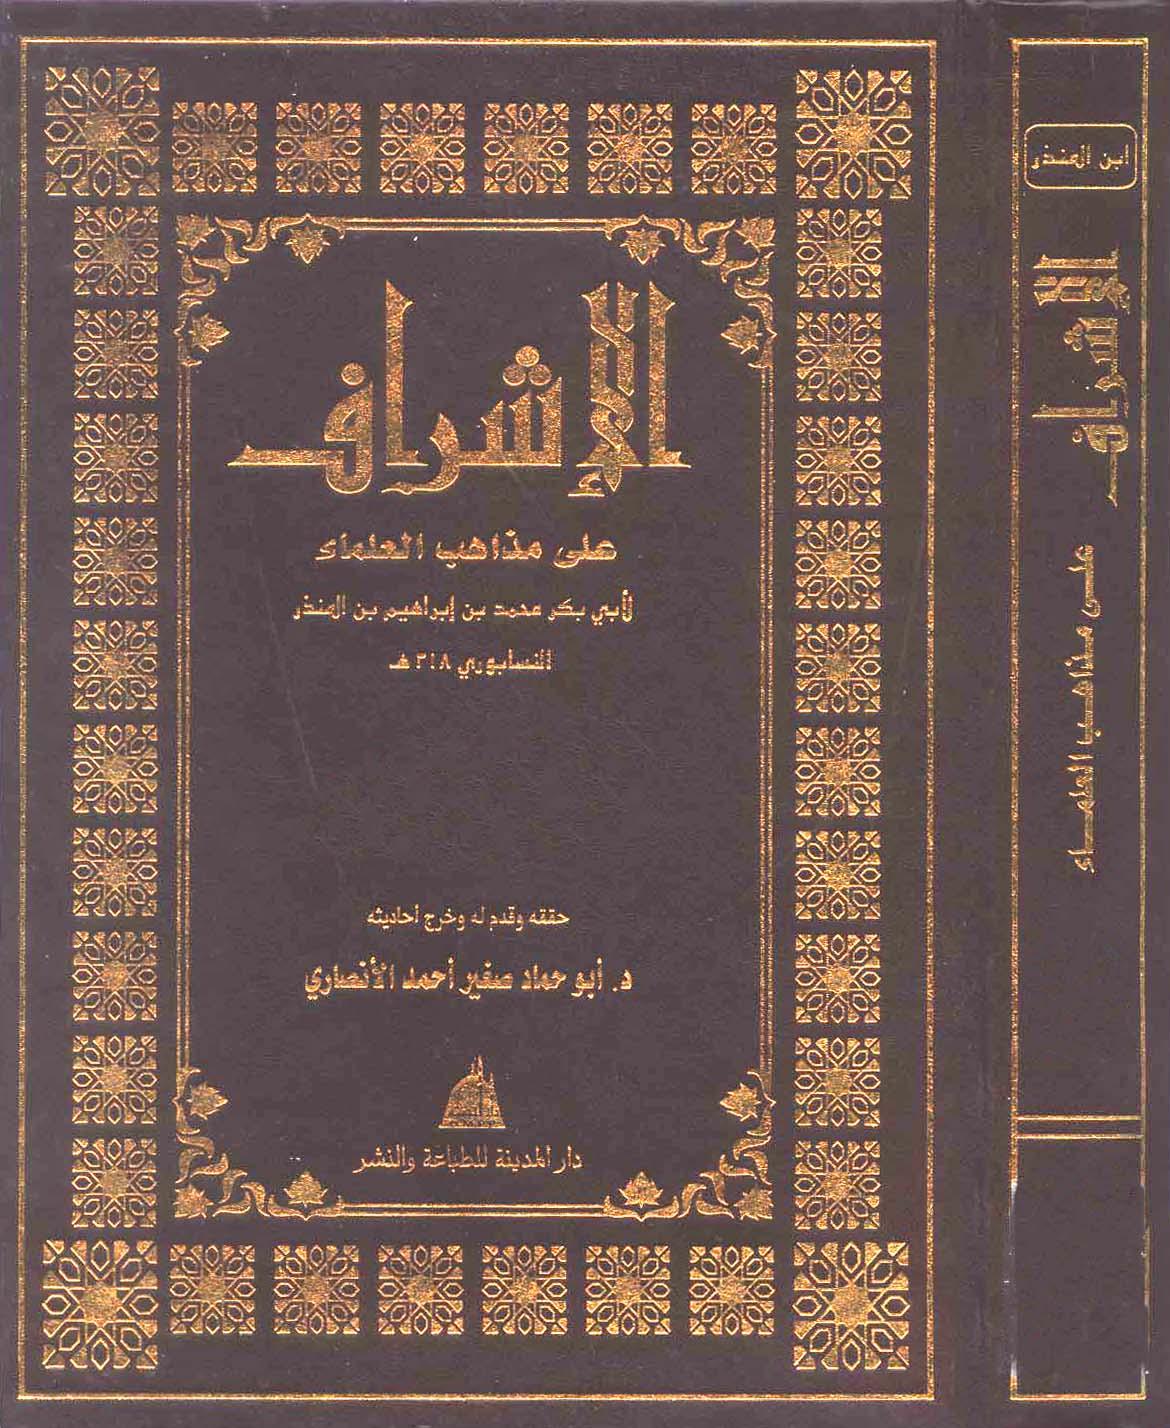 الإشراف على مذاهب العلماء - لابن المنذر ( 10 مجلدات على رابط واحد ) pdf